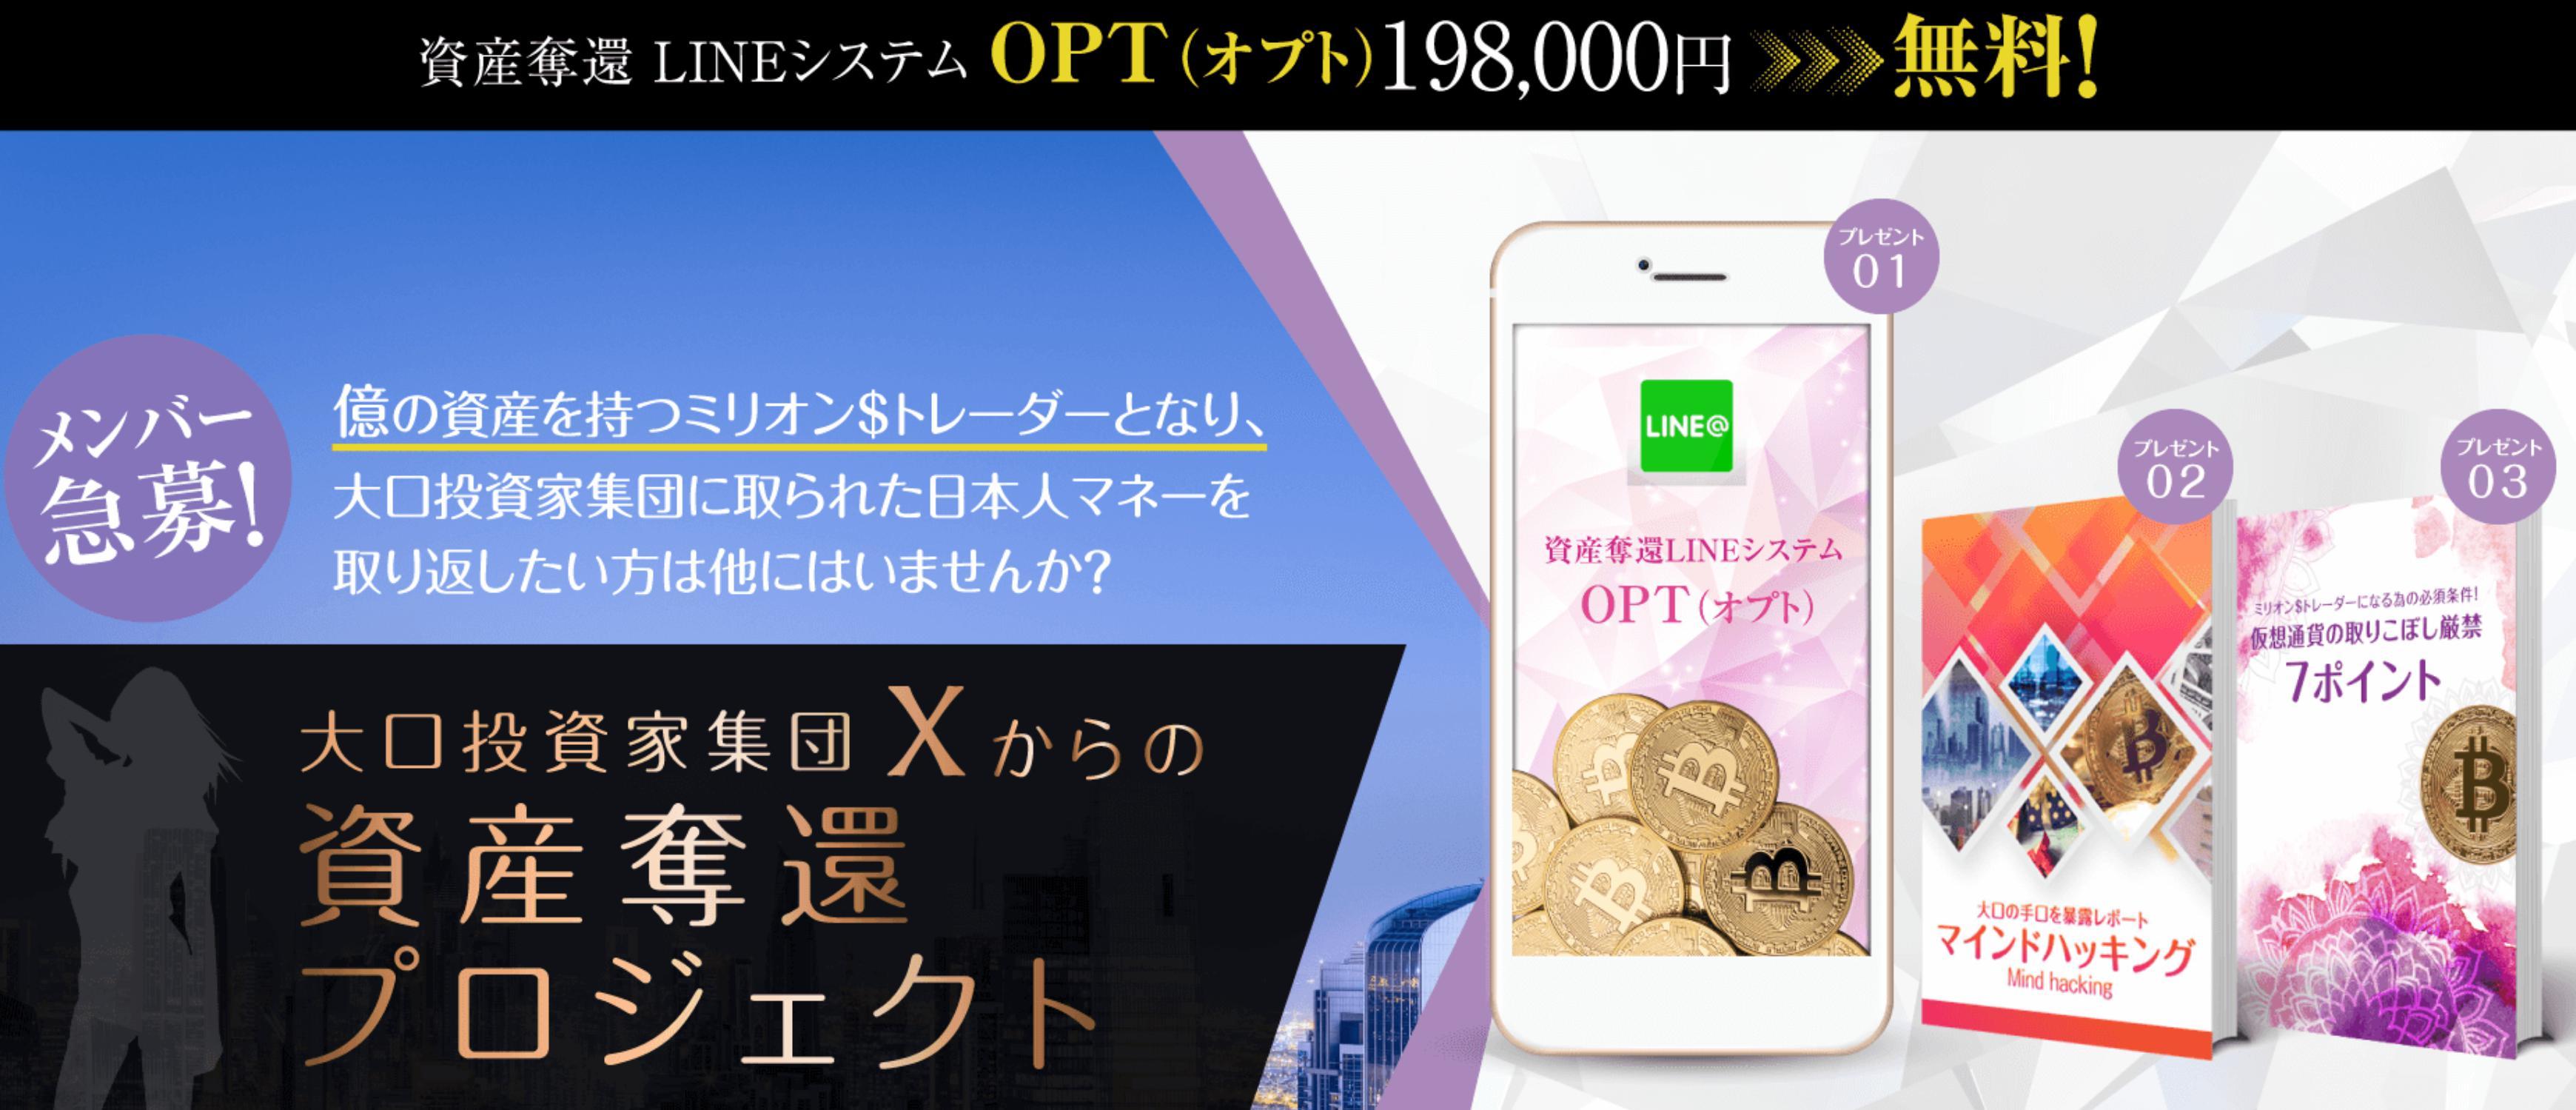 大沢麗子 OPT(オプト)レター